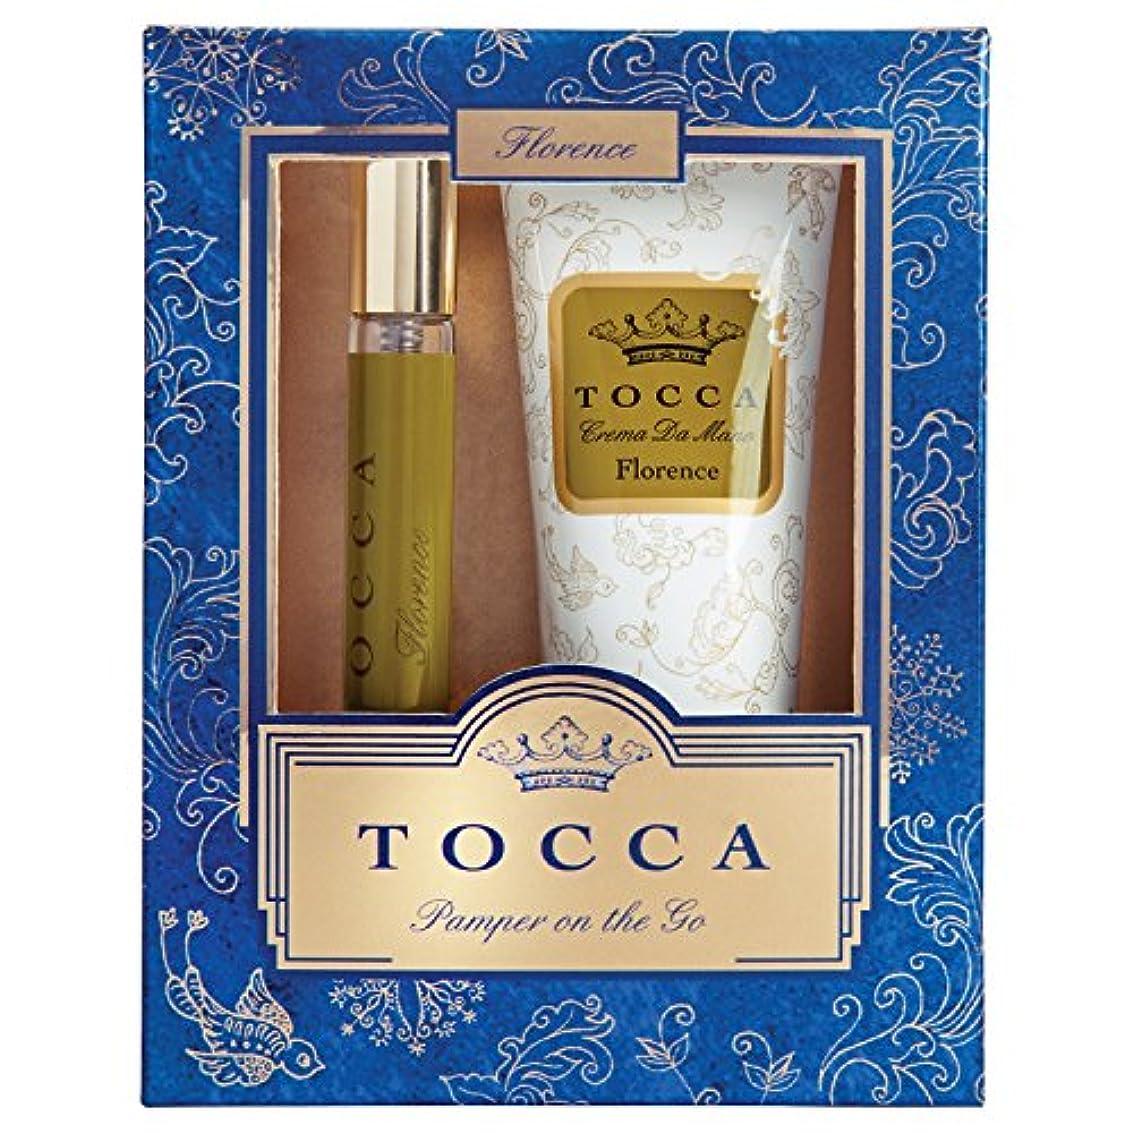 有力者配管工誤トッカ(TOCCA) トラベルパンパーセットギルディッド フローレンスの香り (ハンドクリーム&香水、限定コフレ)